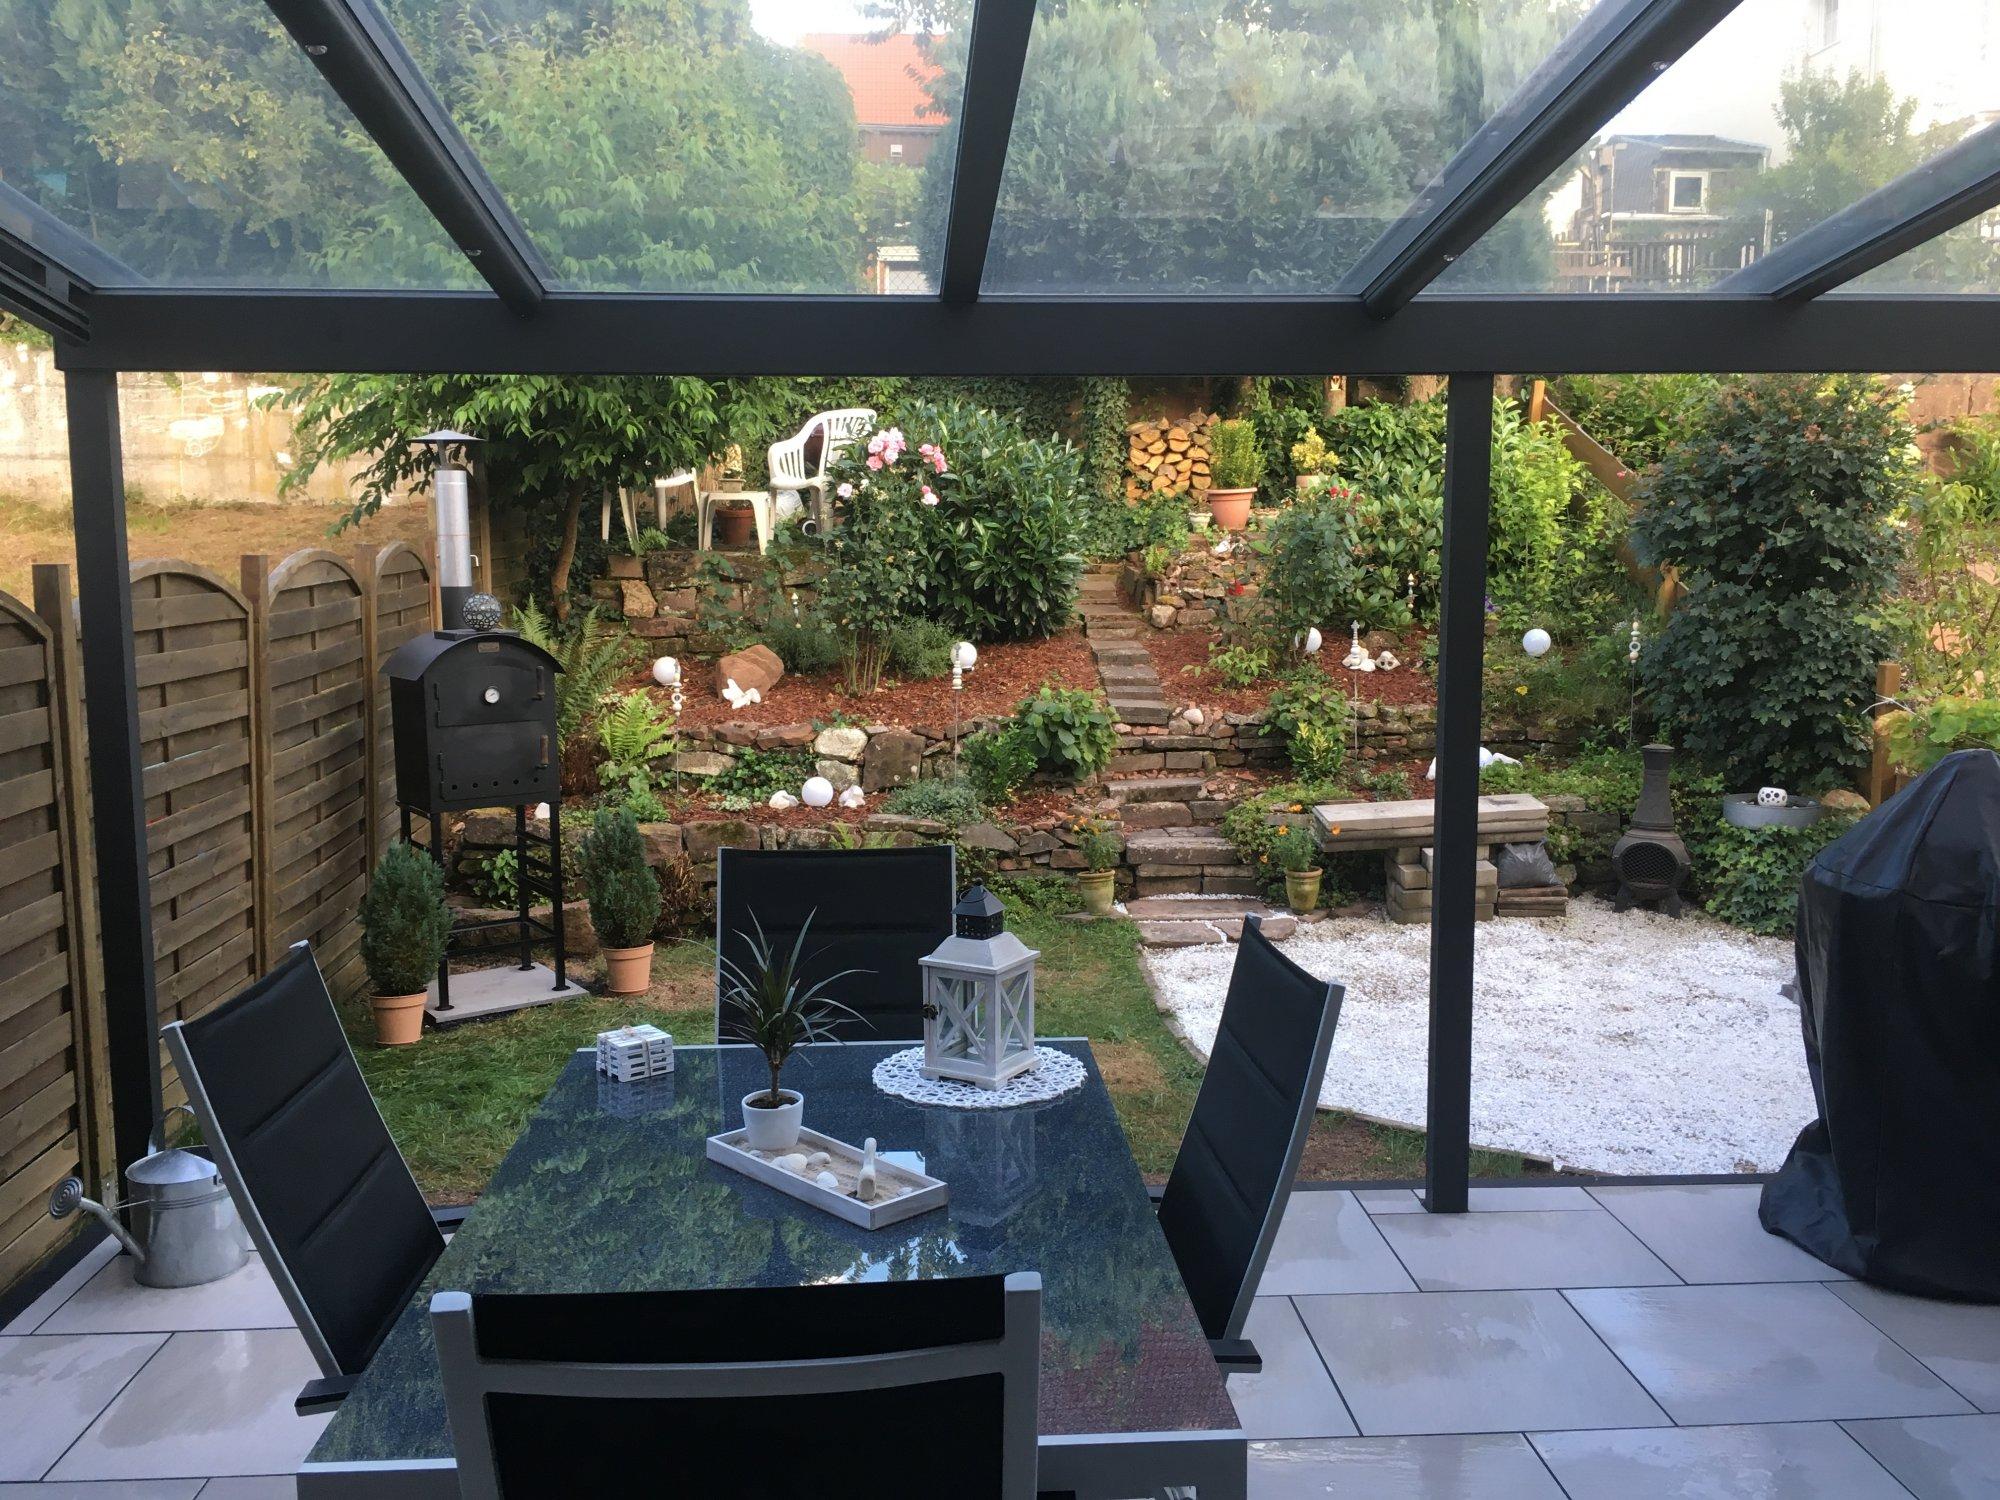 Outdoorküche Weber Q1200 : Outdoorküche 2. bauabschnitt fertig : erweiterung terrassenfläche